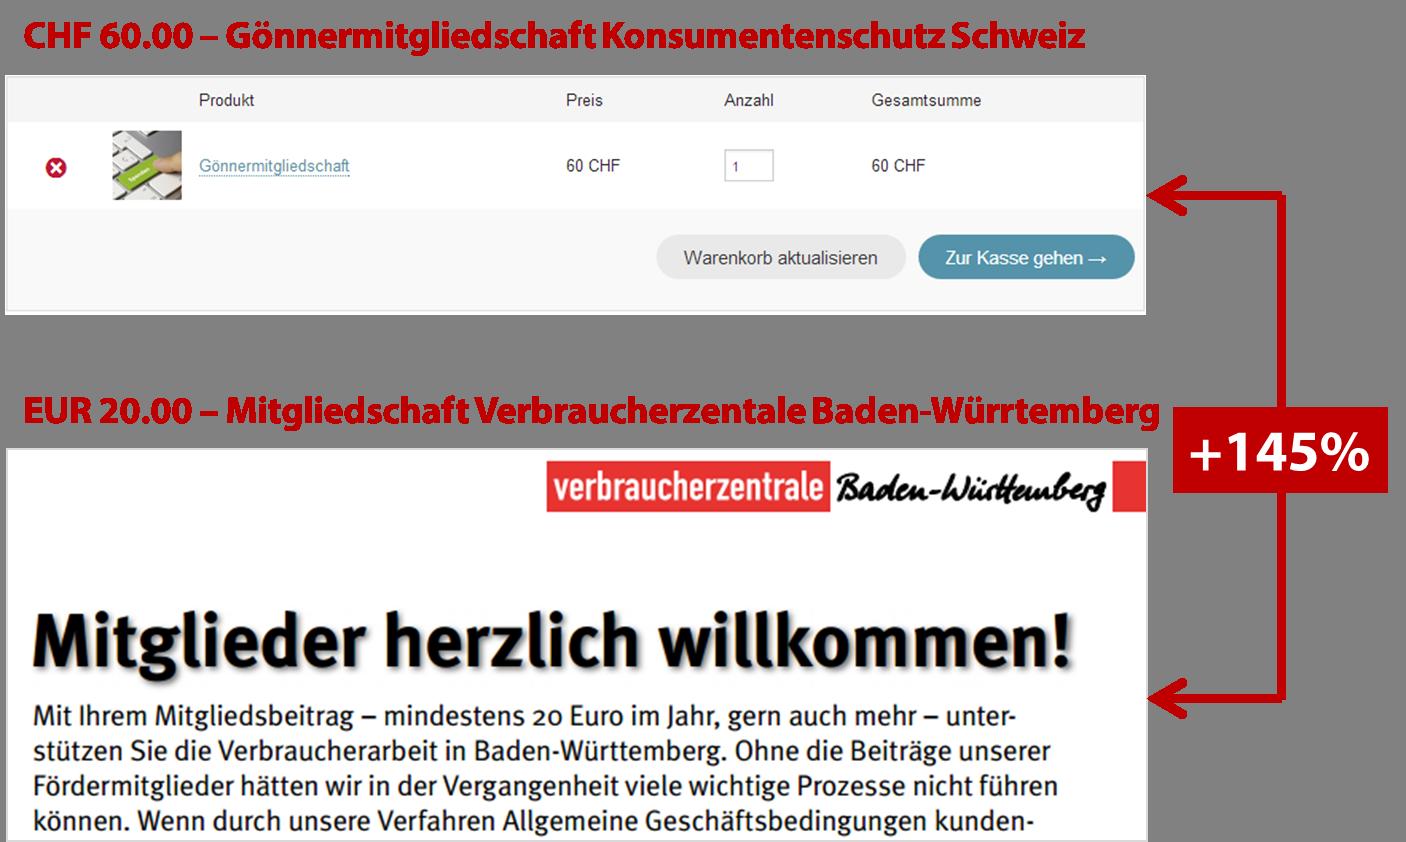 Mitglieder zahlen beim Schweizer Konsumentenschutz fast 2.5 Mal so viel wie in Deutschland